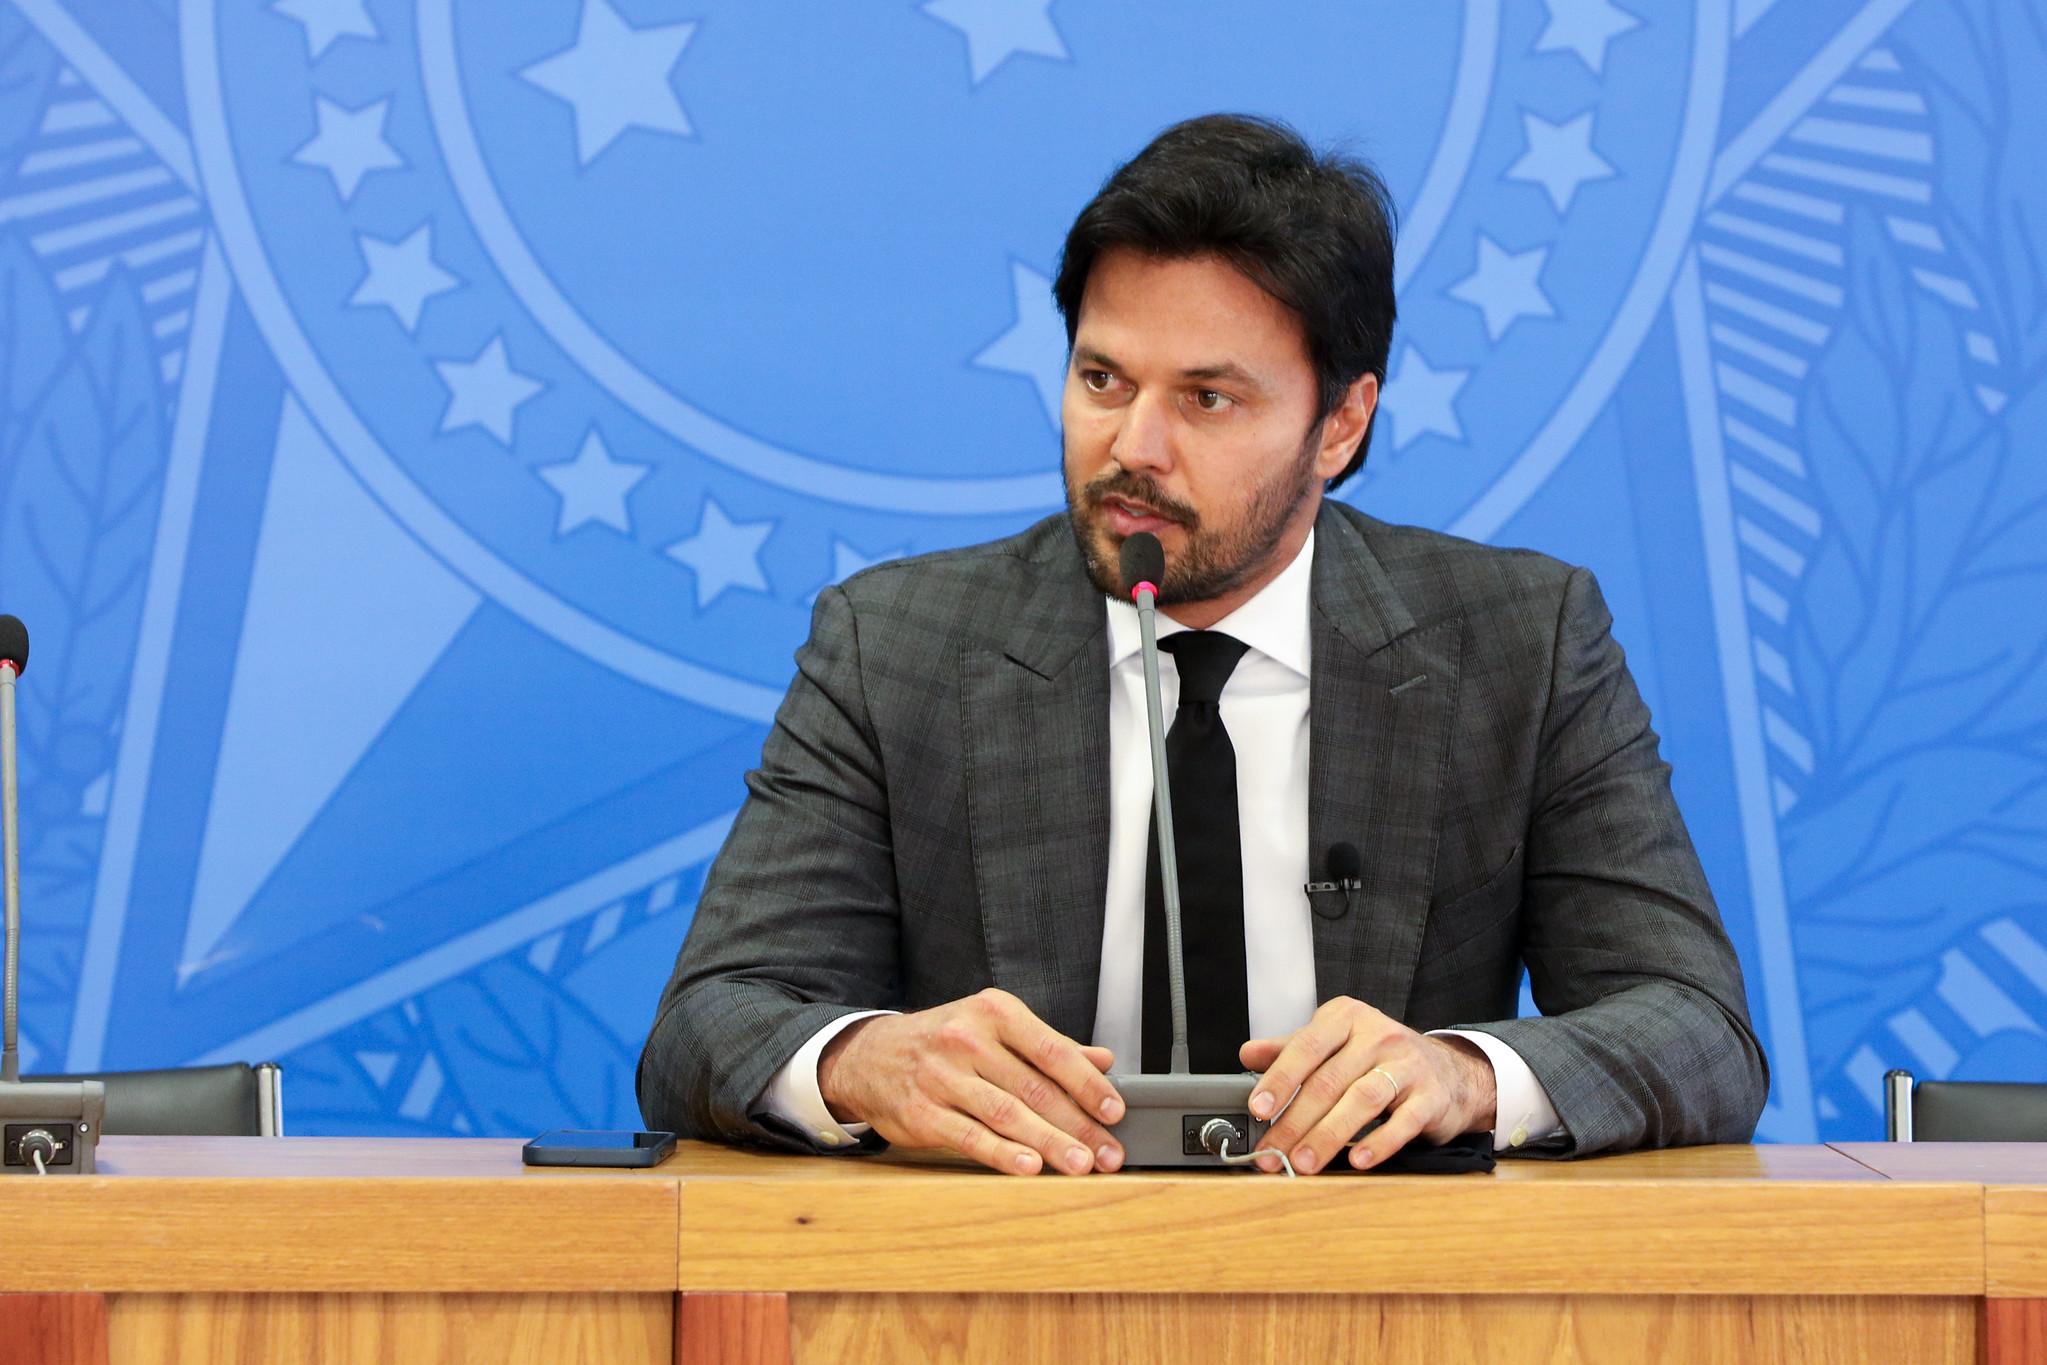 IMAGEM: Ministro da Propaganda fala em rede nacional